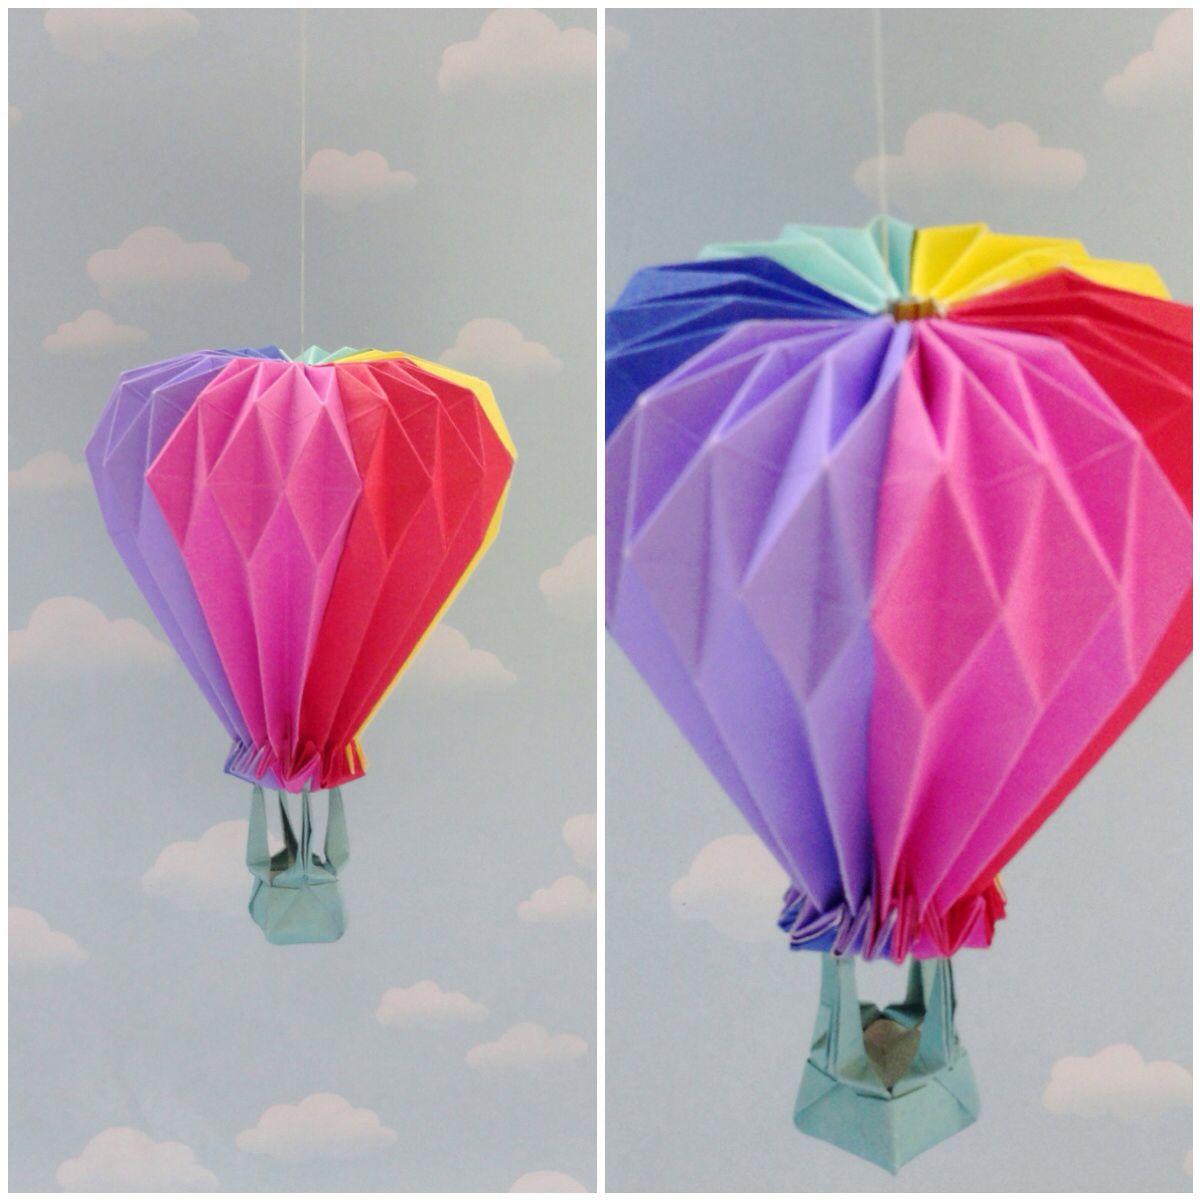 Globo aerosttico en origami encontranos en facebook httpwww globo aerosttico en origami encontranos en facebook httpfacebook jeuxipadfo Choice Image